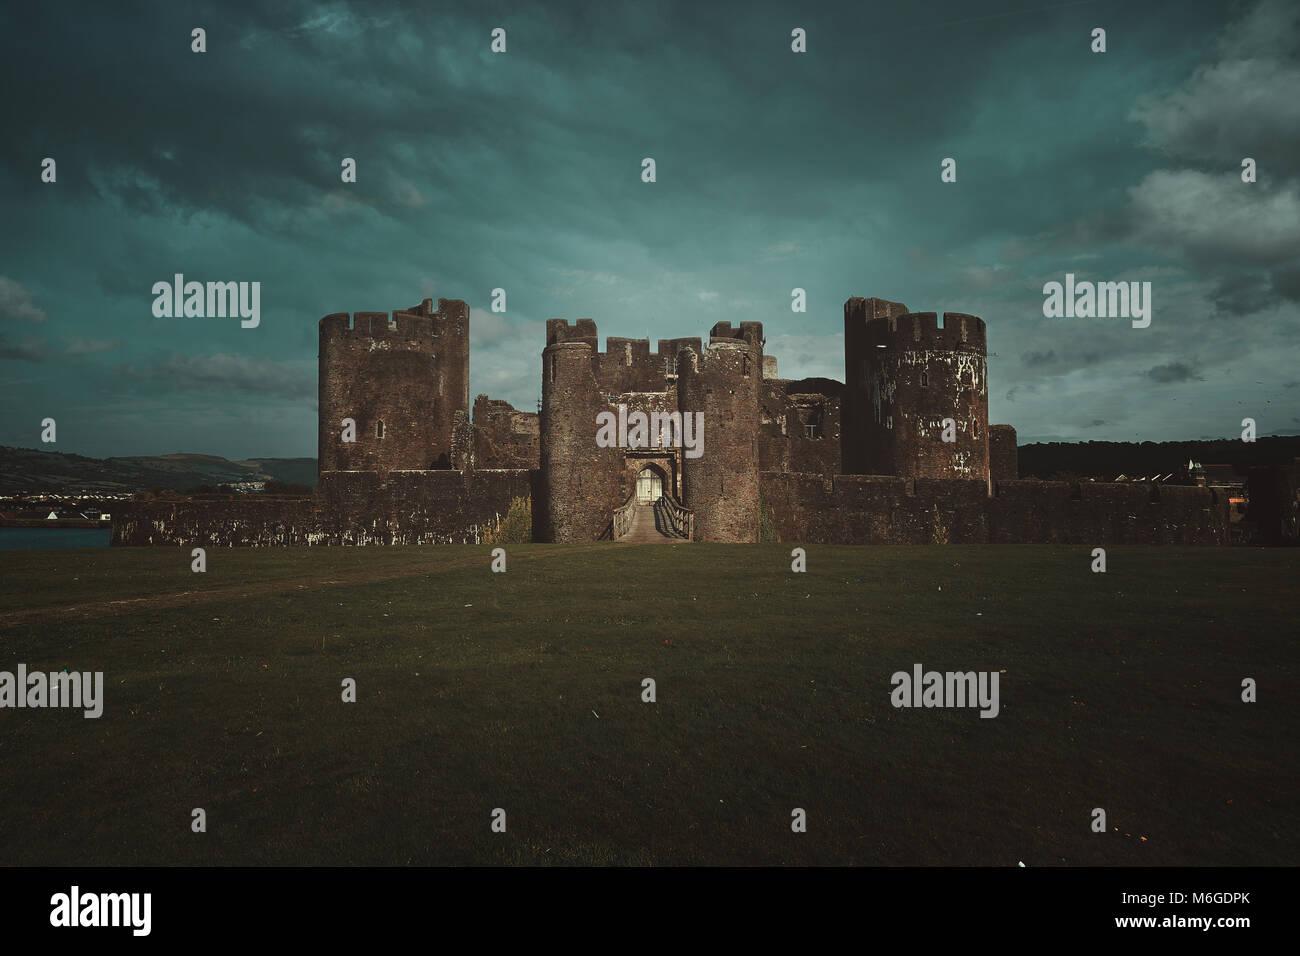 Caerphilley château avec ciel nuageux. Paysage du Pays de Galles Banque D'Images